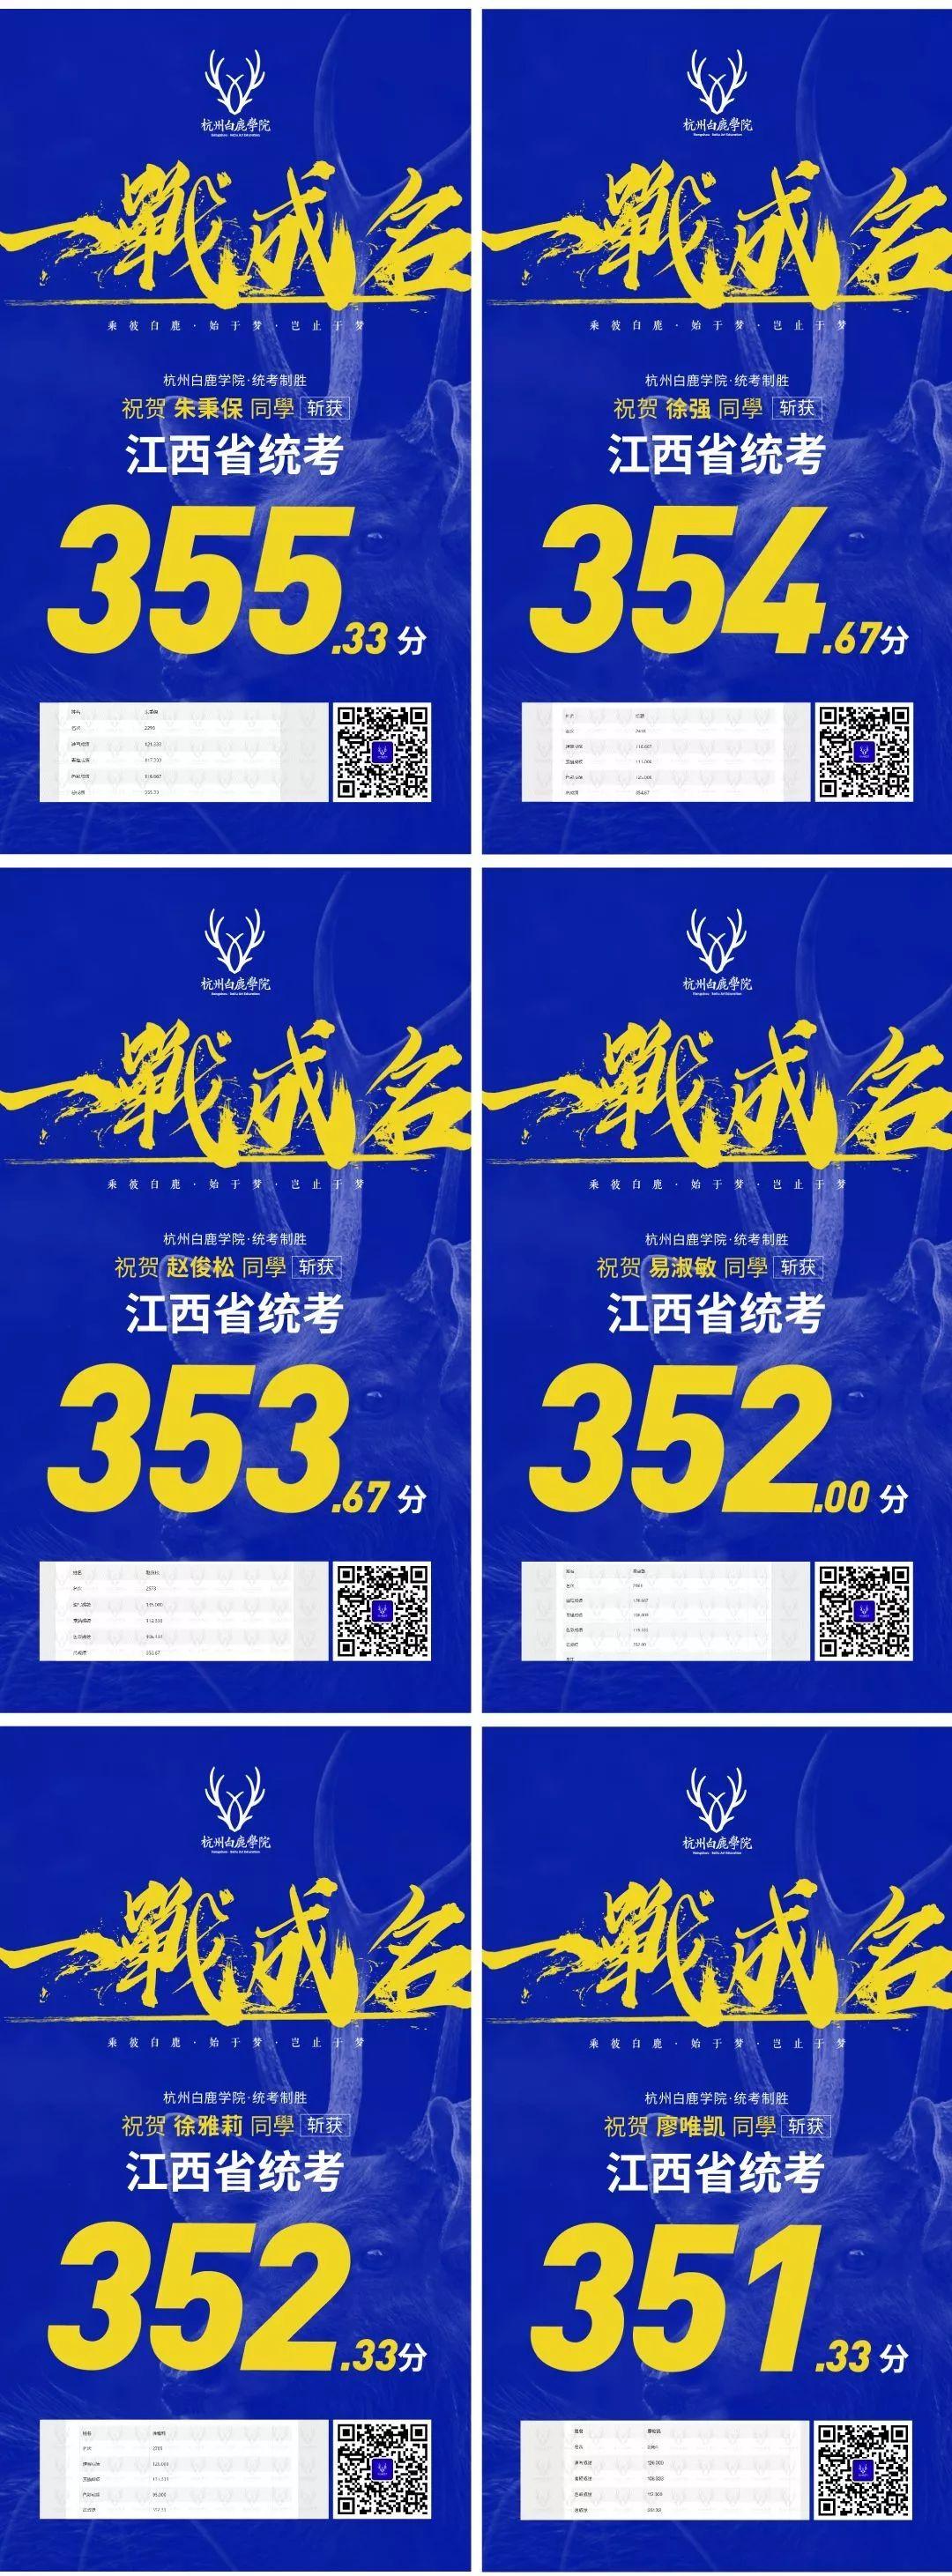 杭州画室,杭州美术培训,杭州联考美术培训,29